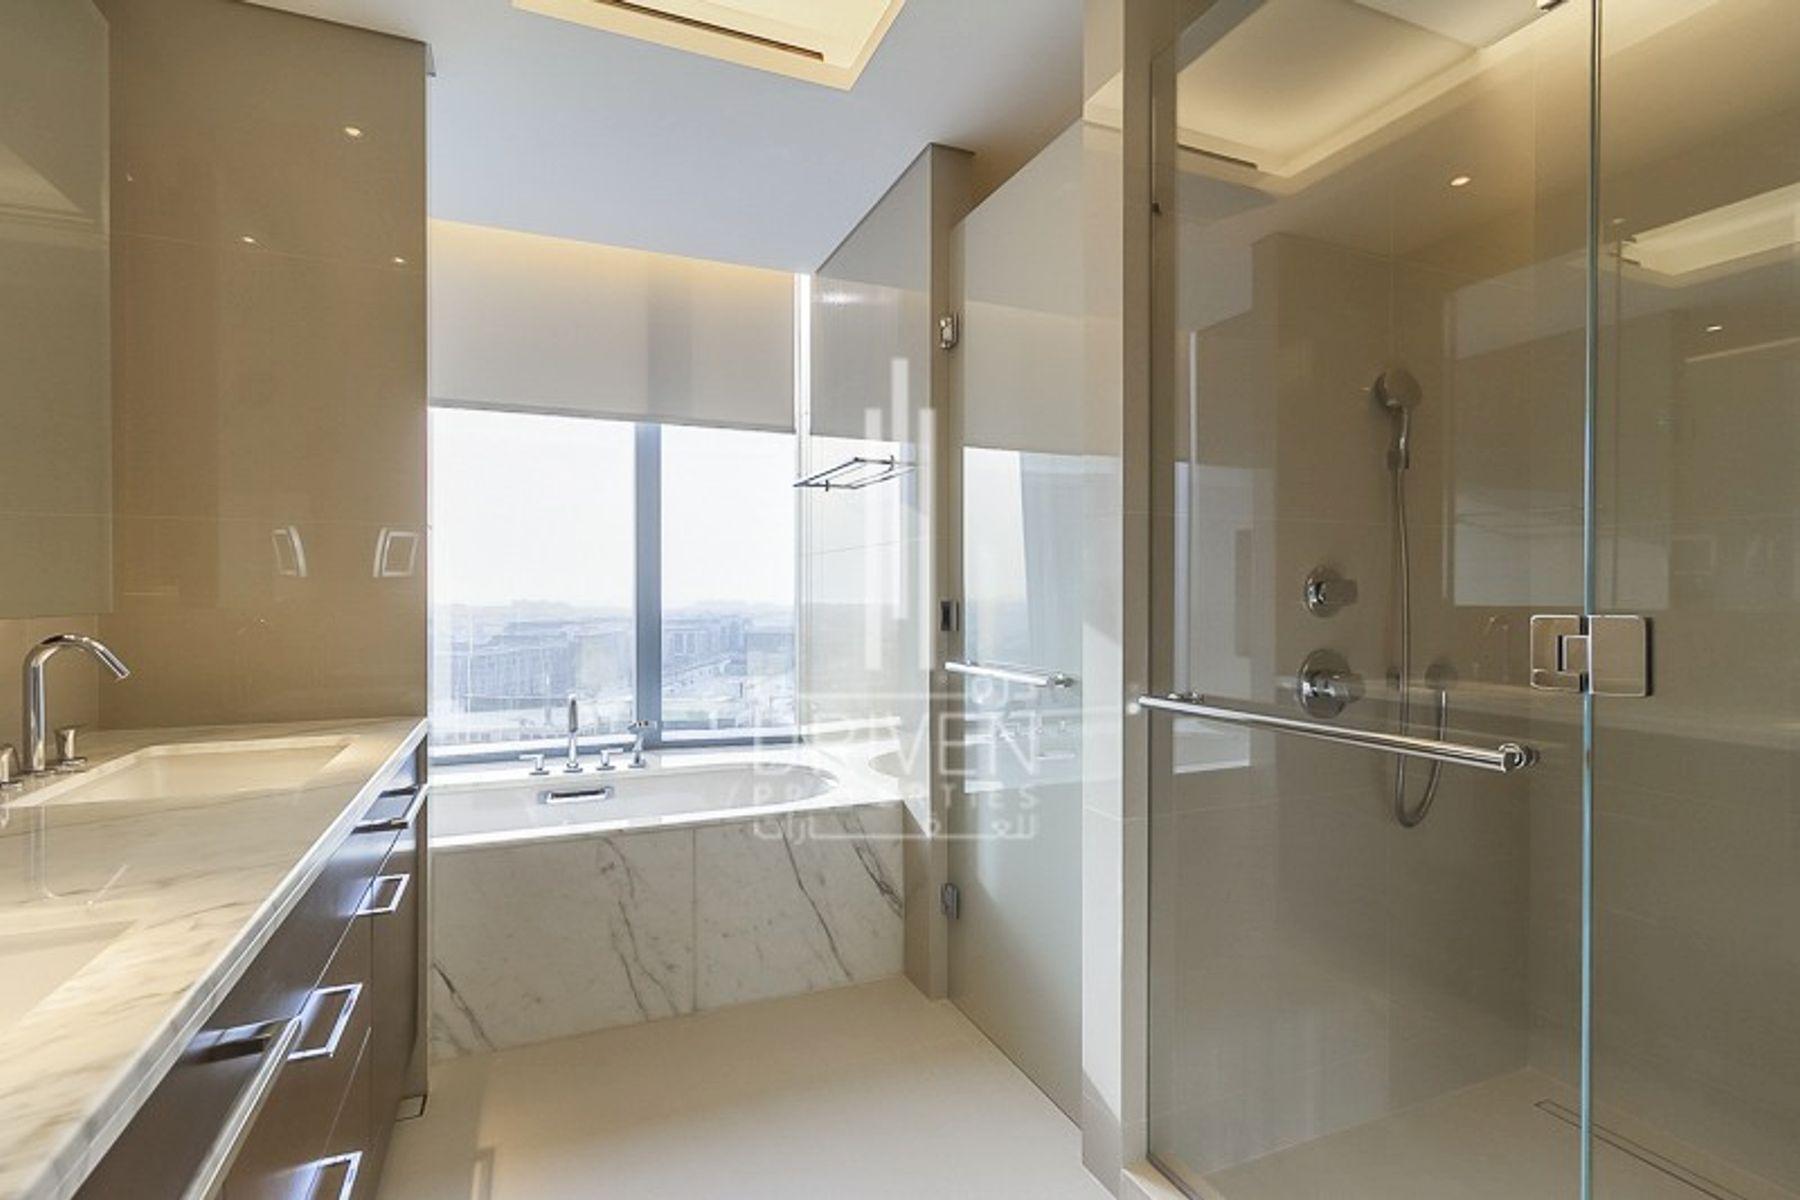 للبيع - شقة - فندق العنوان- سكاي فيو 2 - دبي وسط المدينة